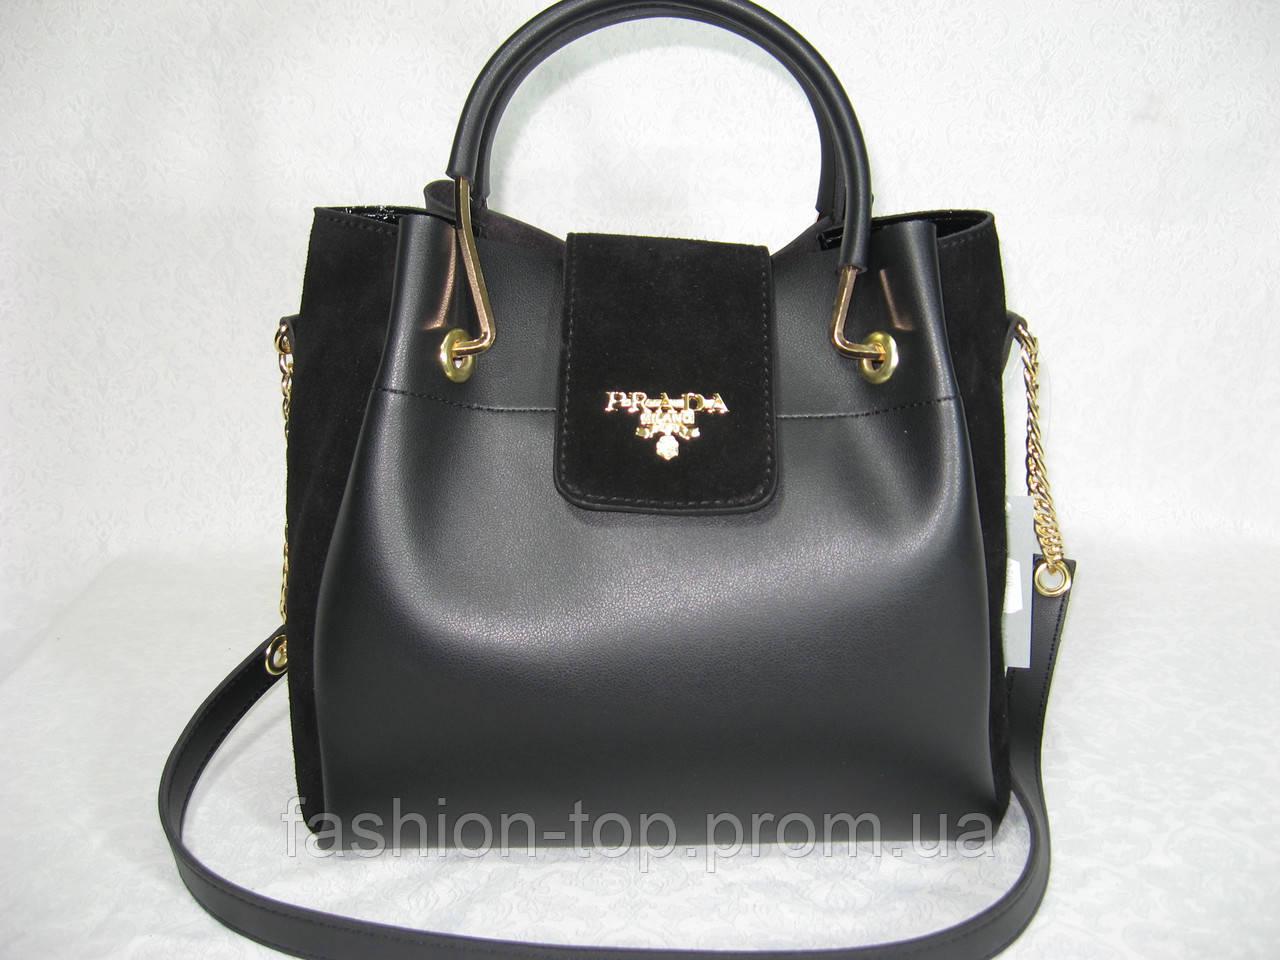 63d5657d820d Женская сумка PRADA (реплика) из натурального замша - Интернет-магазин